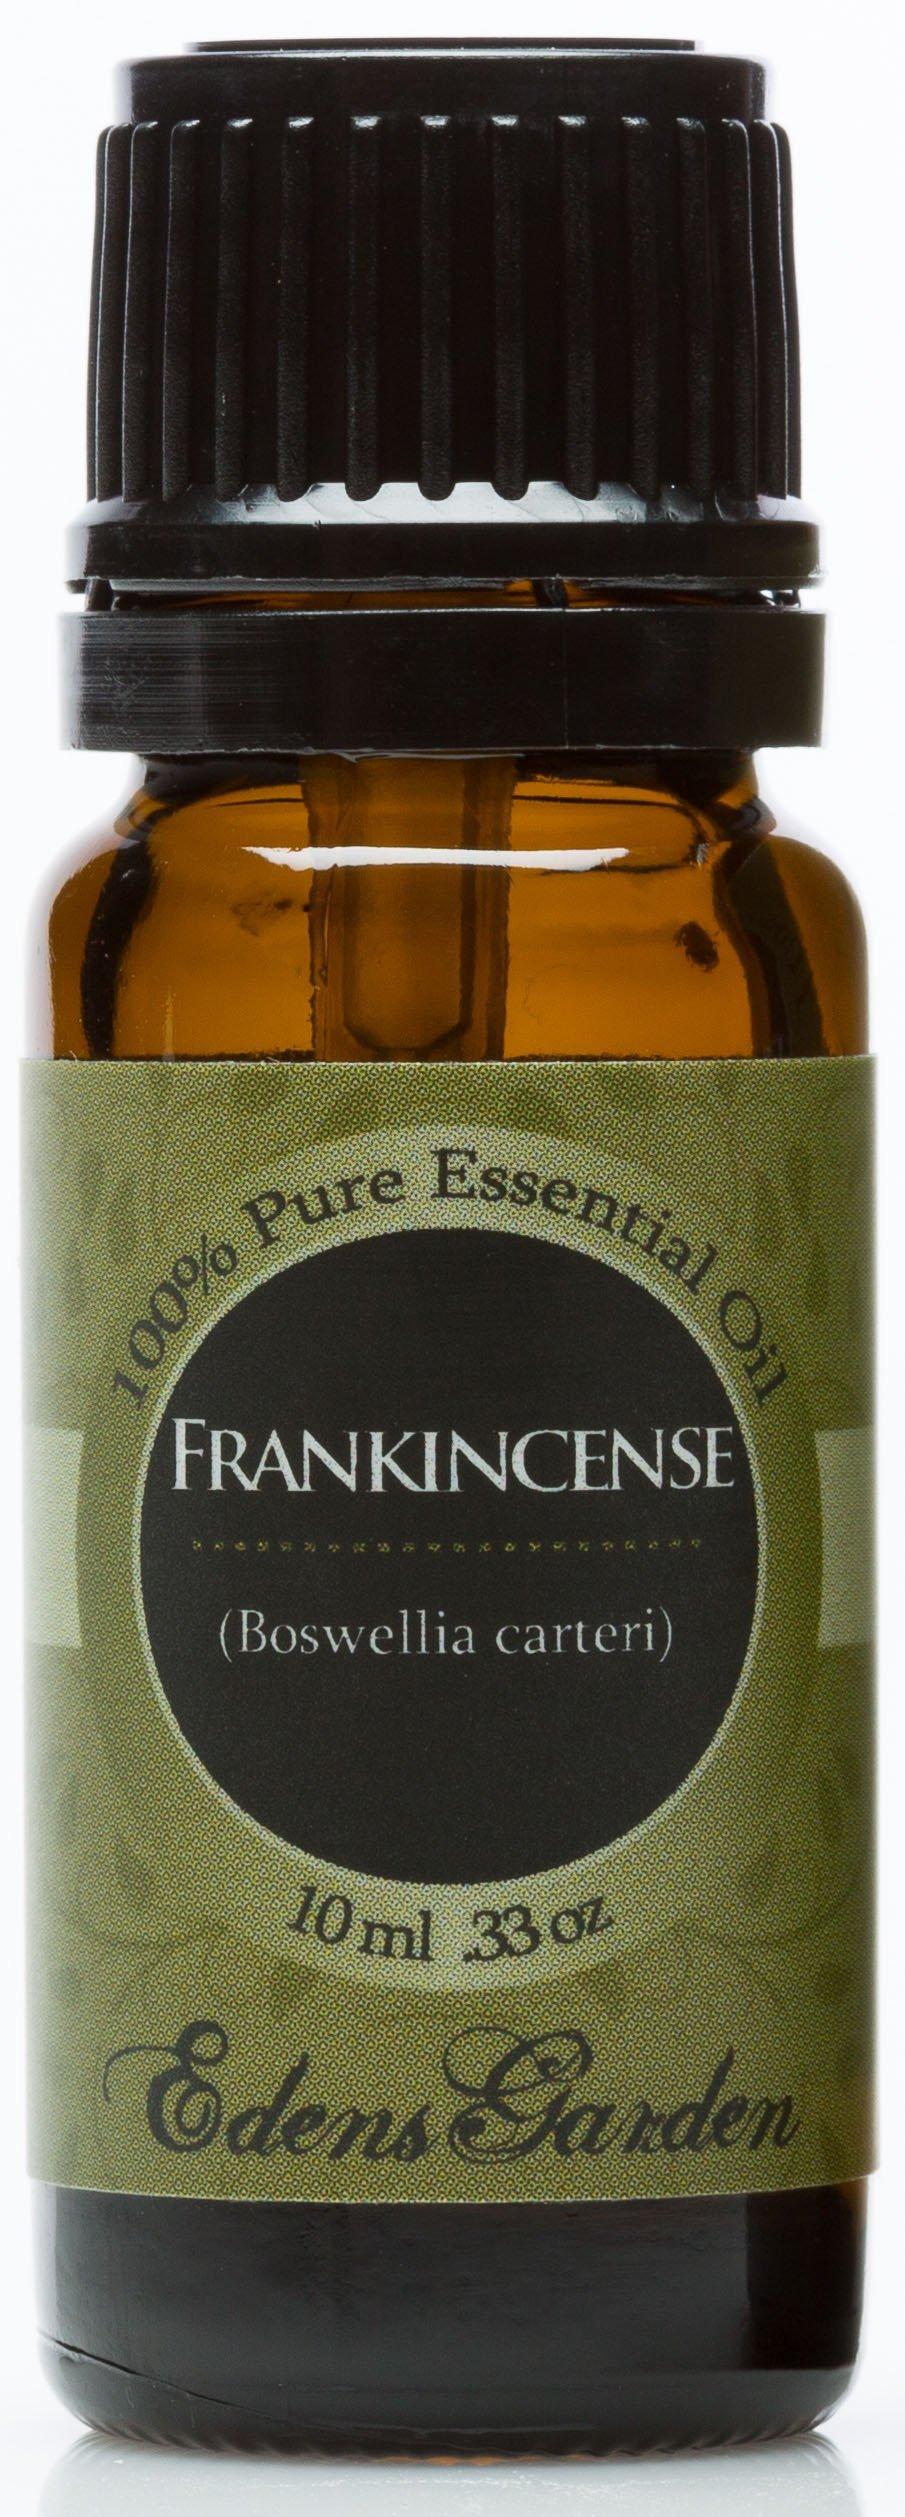 Edens Garden Frankincense Boswellia Carterii 100% Pure Therapeutic Grade Essential Oil, GC/MS Tested, 10 mL